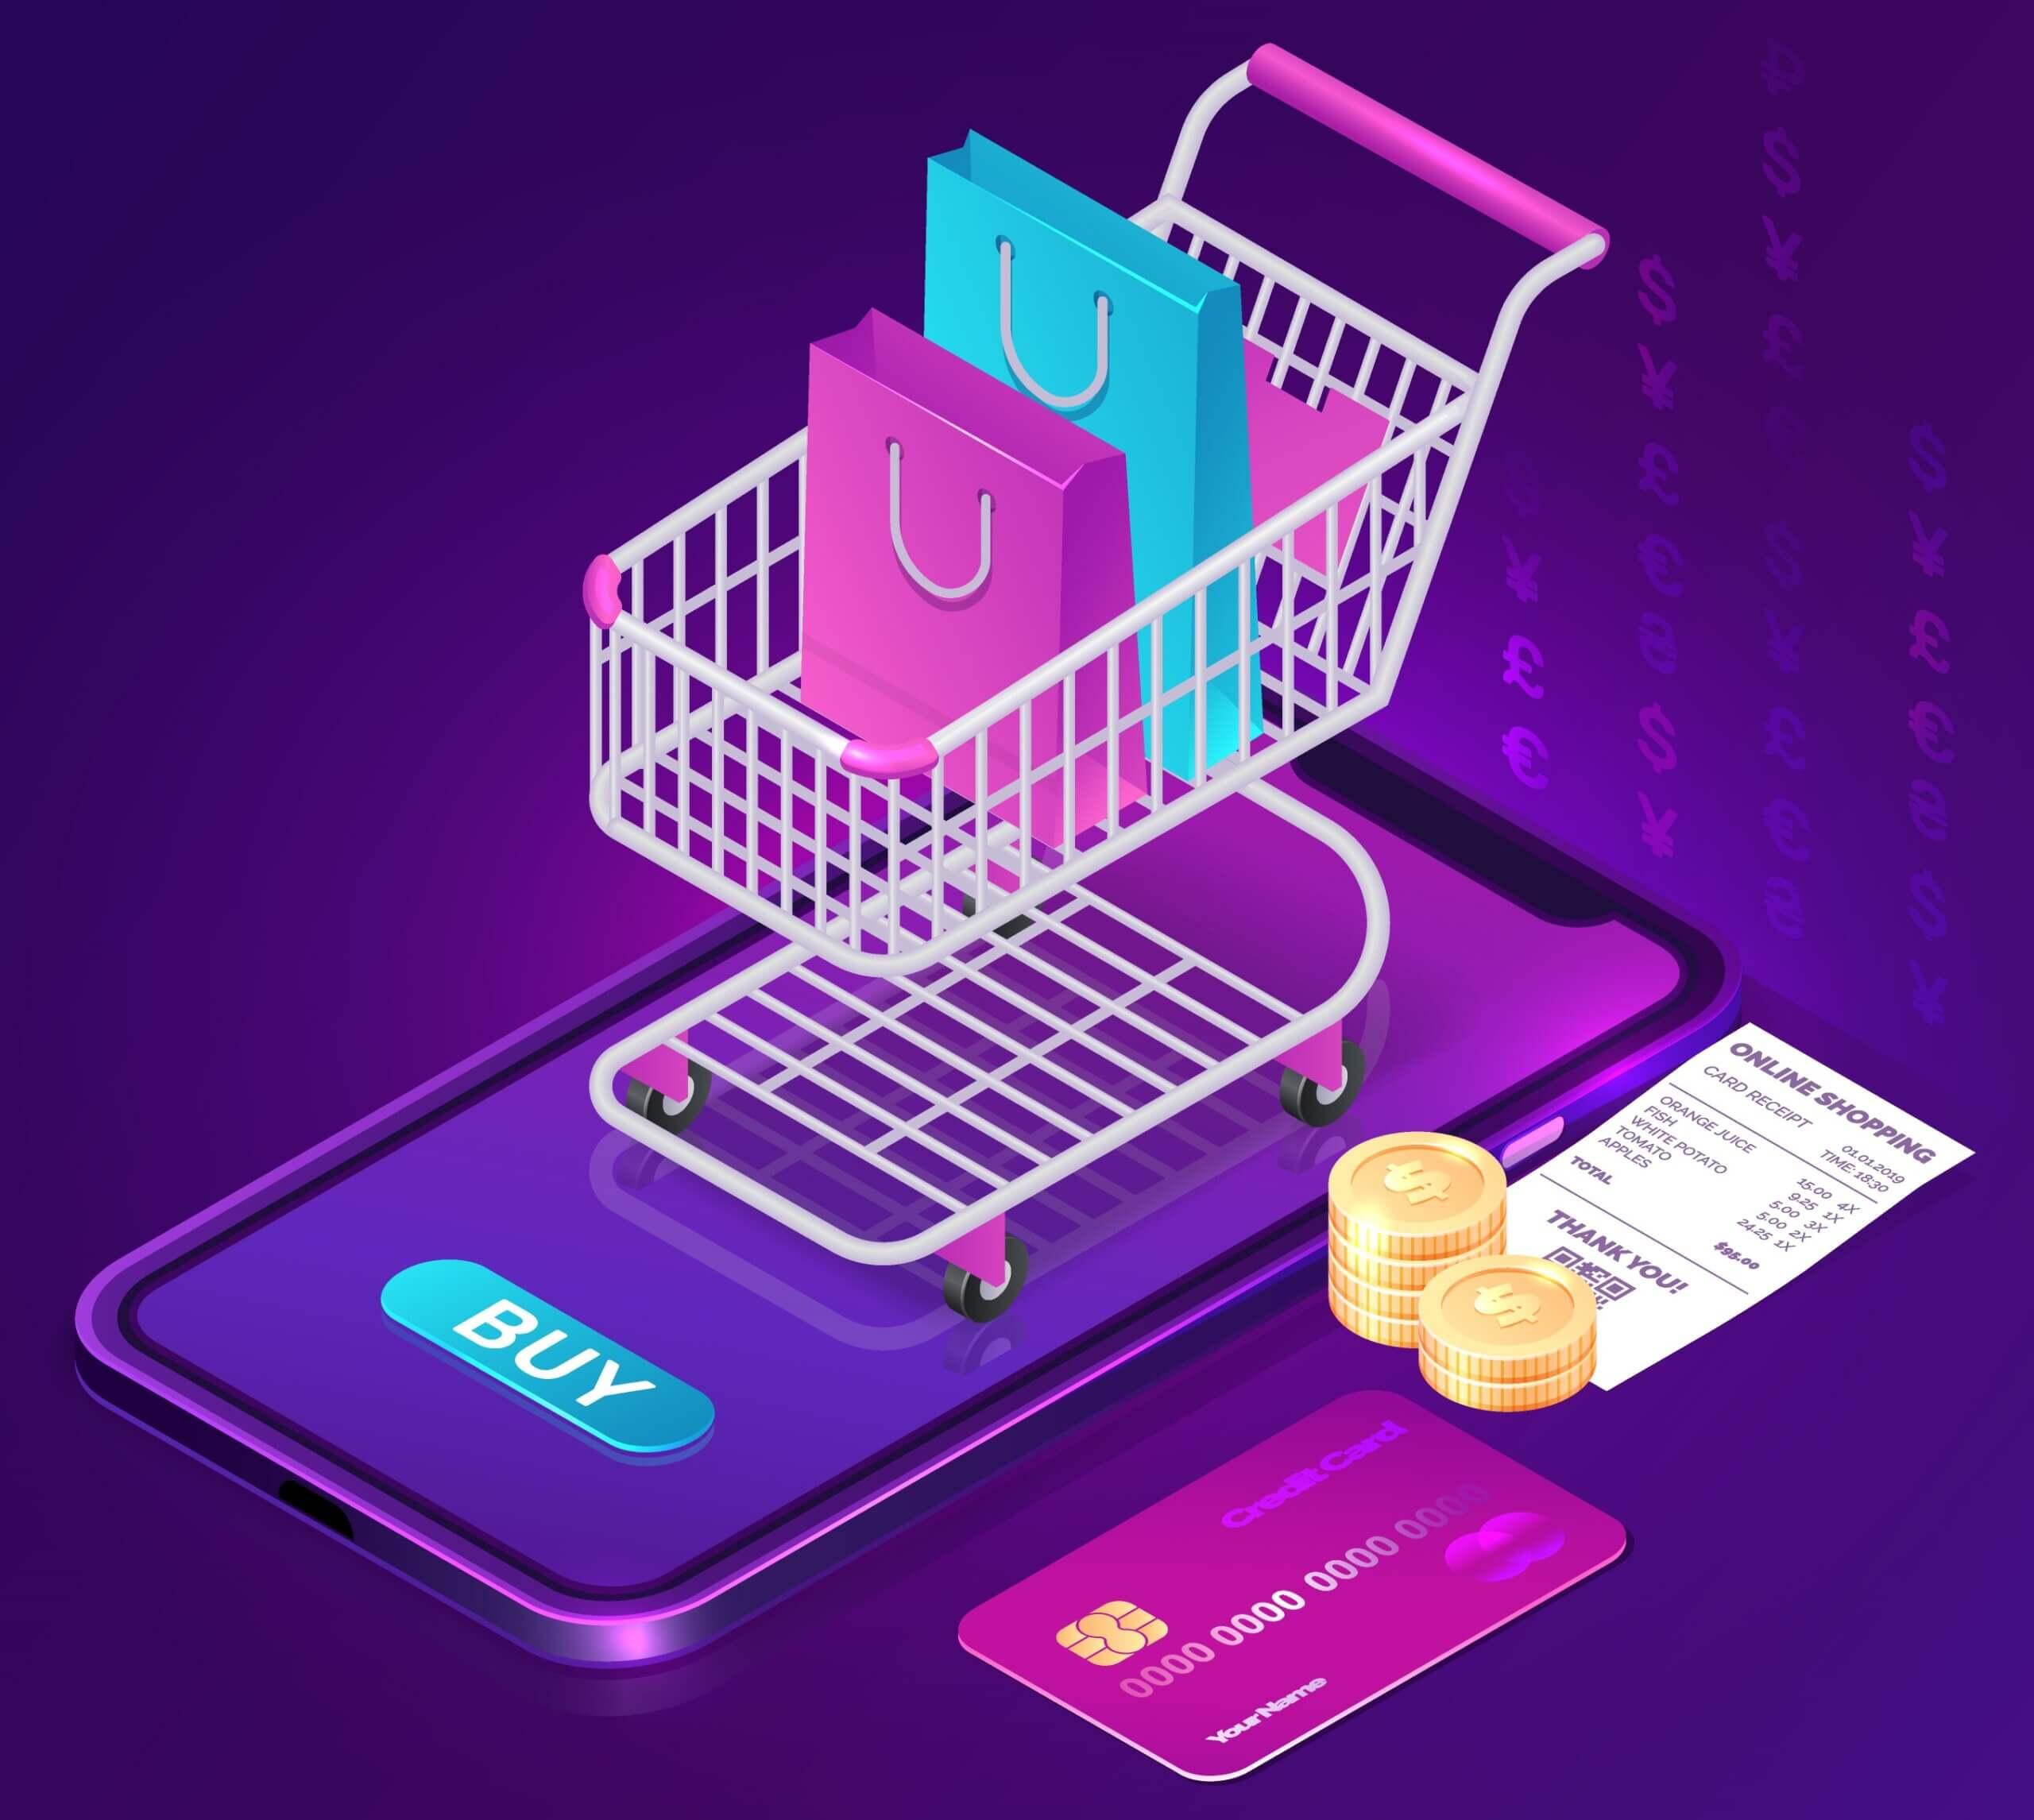 Mercado Livre analisa os hábitos de consumo e as escolhas nas compras online